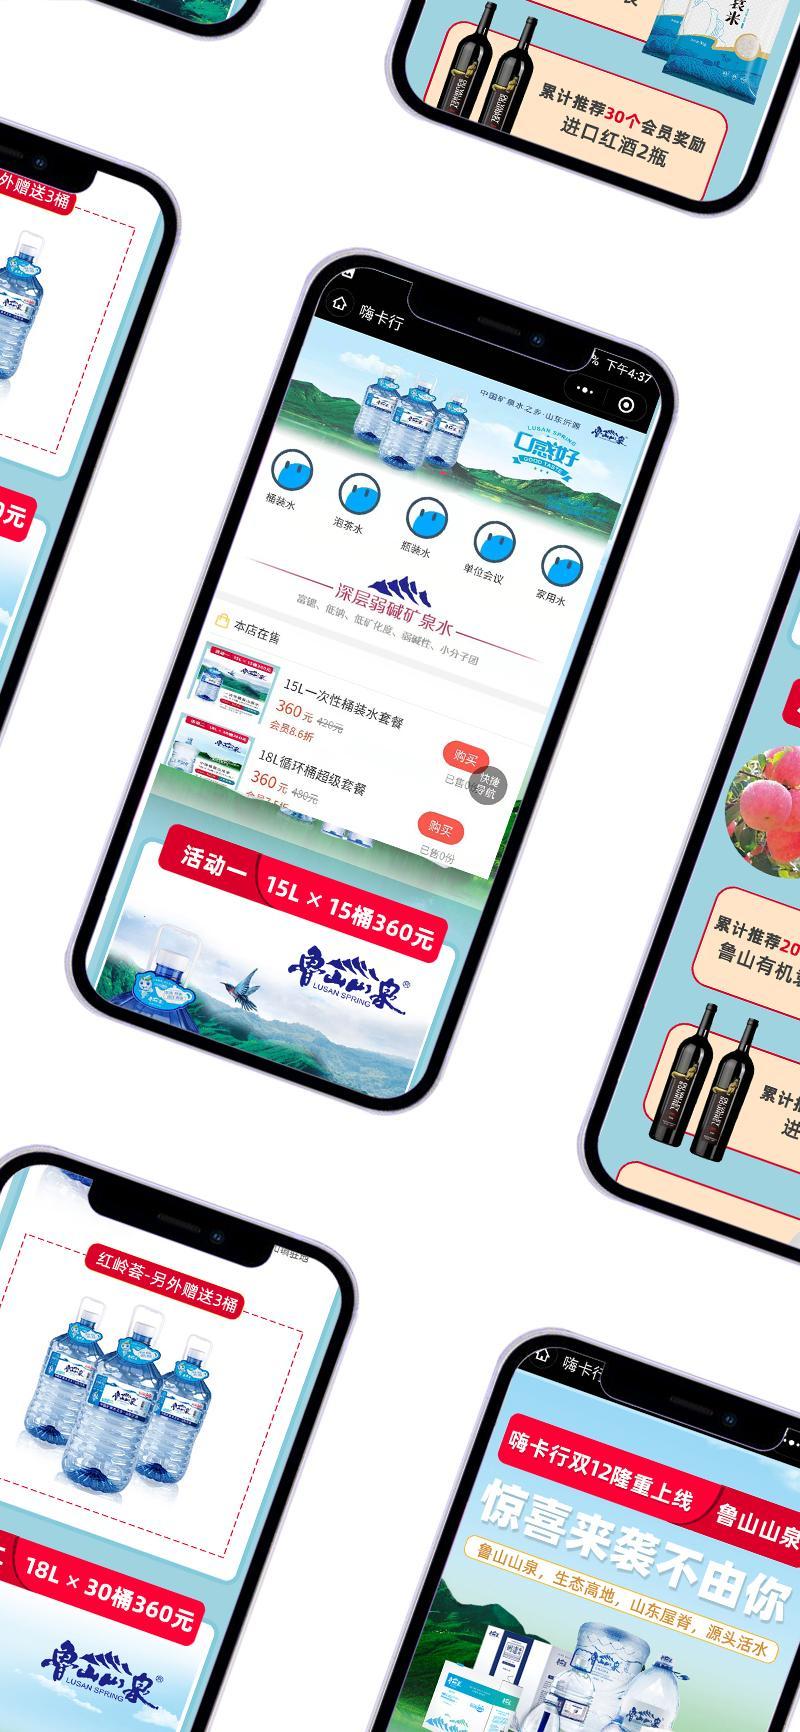 嗨卡行-济南齐发商贸有限公司,济南小程序开发